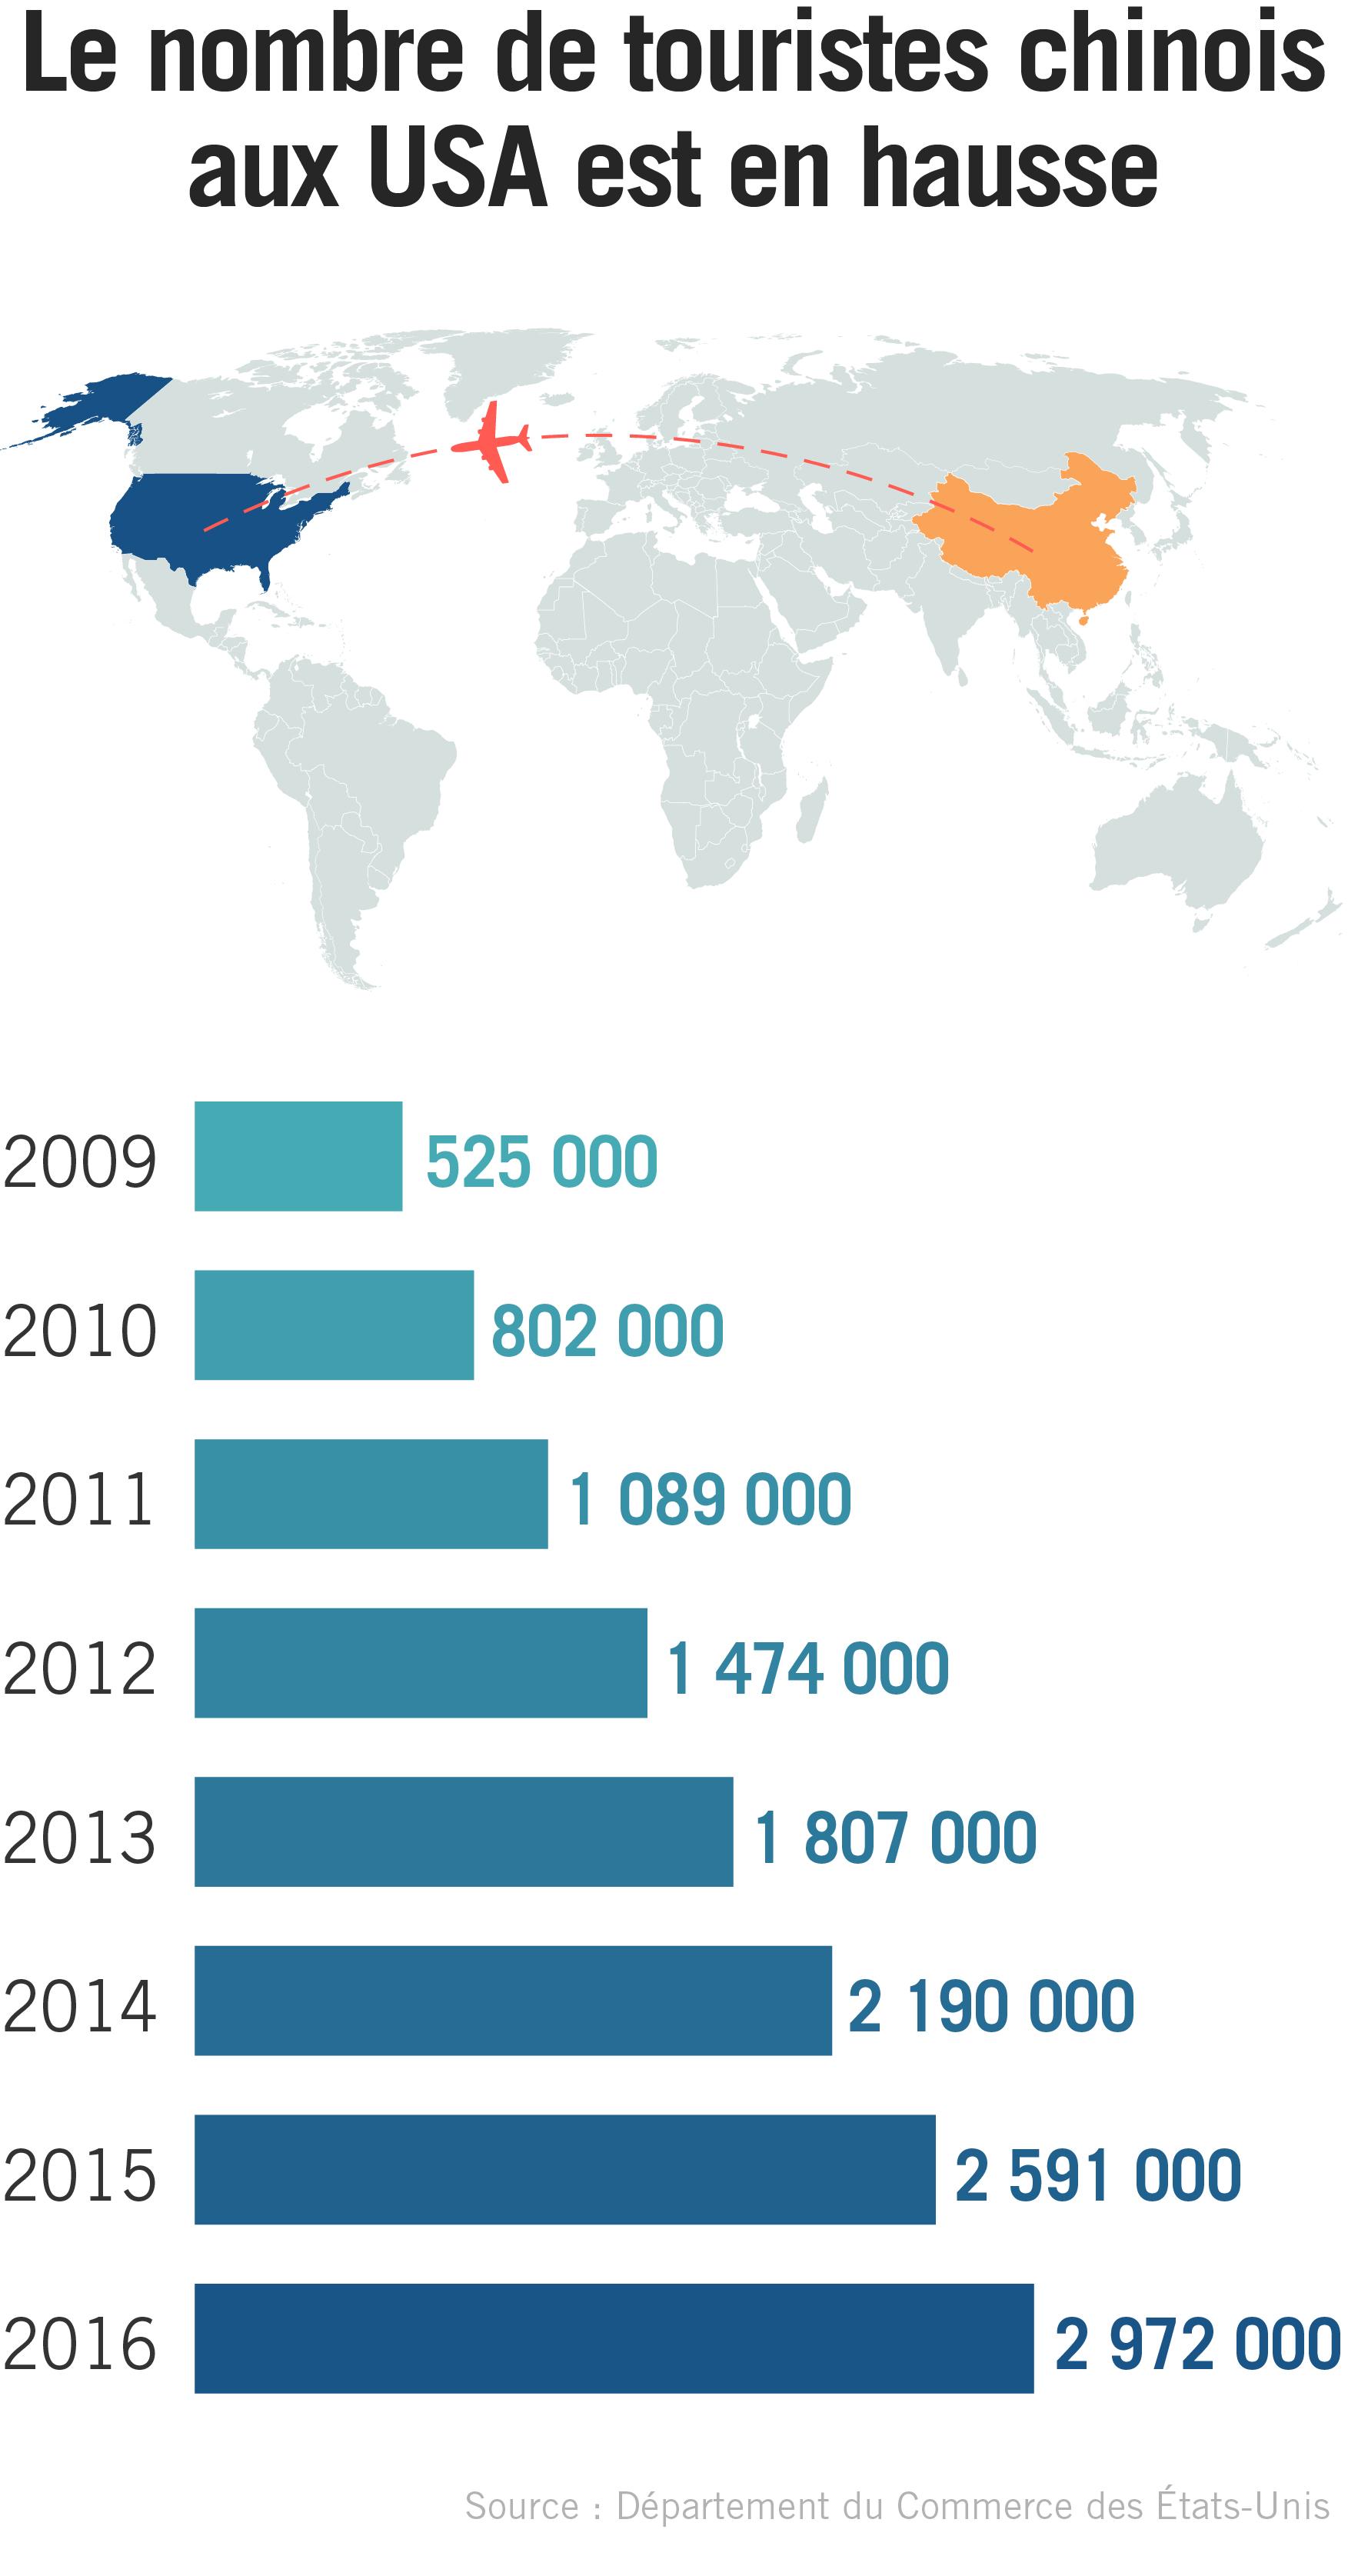 Infographie avec une carte et des informations sur le nombre de touristes chinois venant aux États-Unis (Département d'État)